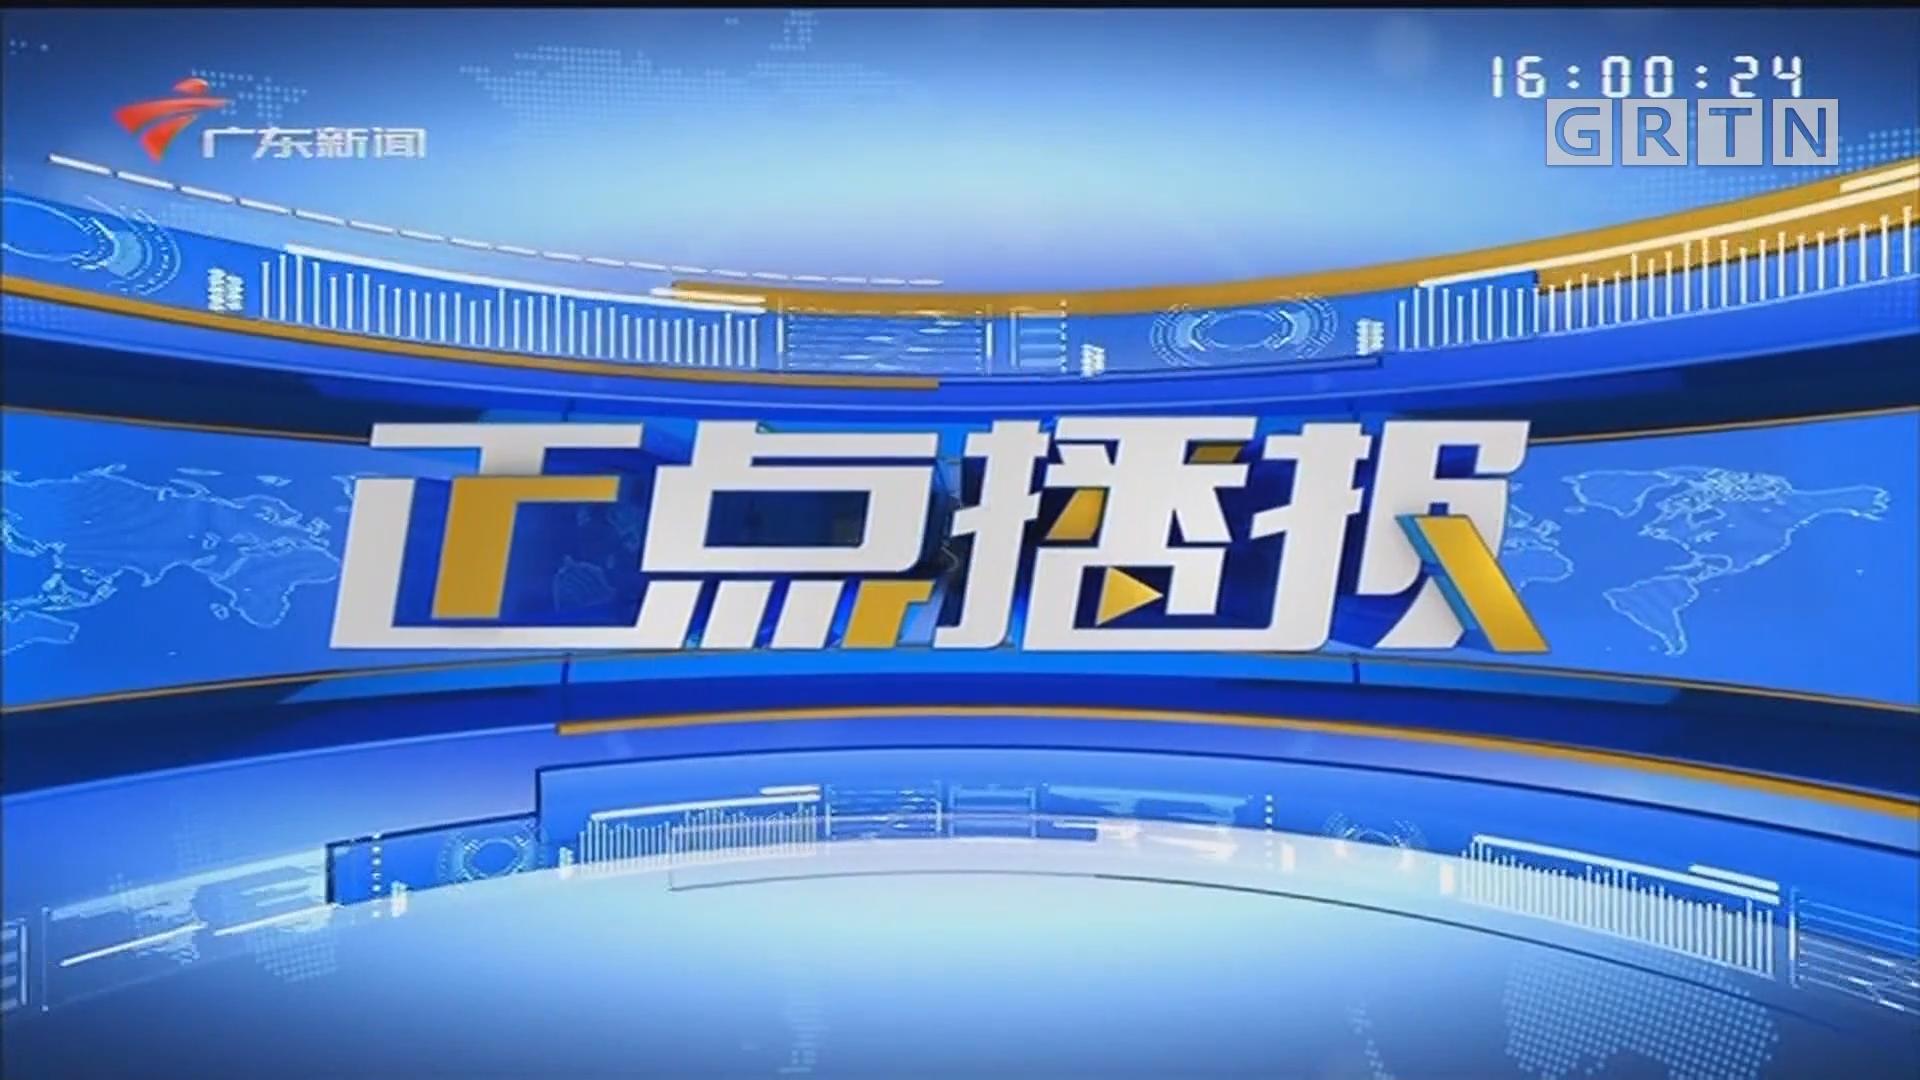 [HD][2019-12-14-16:00]正点播报:2020年春运:各地铁路公安推出列车微报警平台